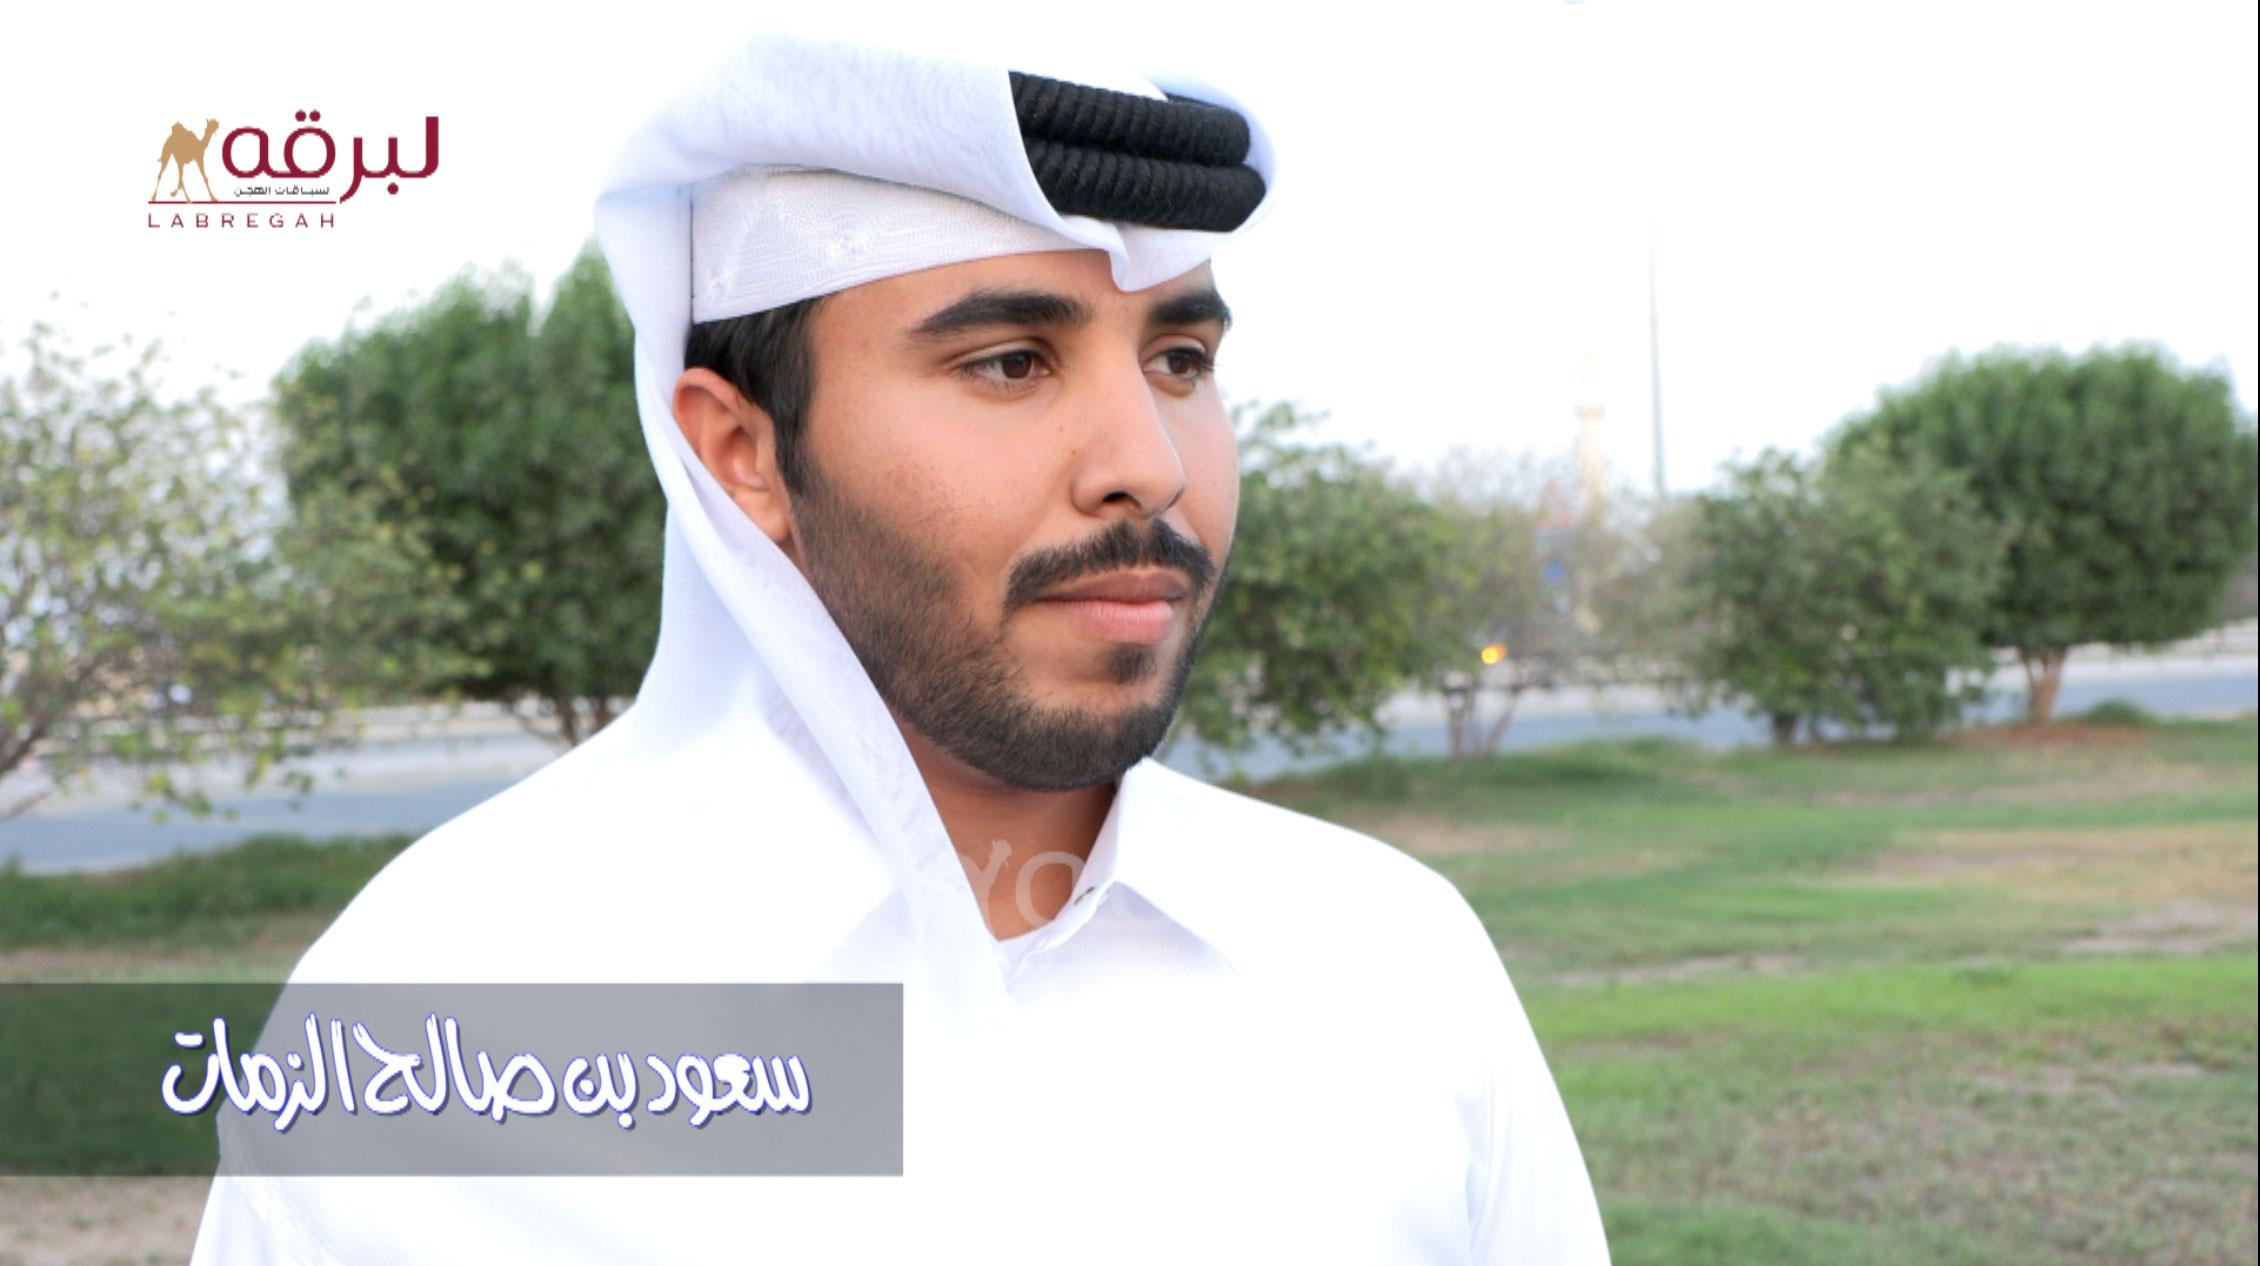 لقاء مع سعود بن صالح الزمات.. الشوط الرئيسي للقايا بكار (إنتاج) الأشواط العامة  ٨-١٠-٢٠٢١